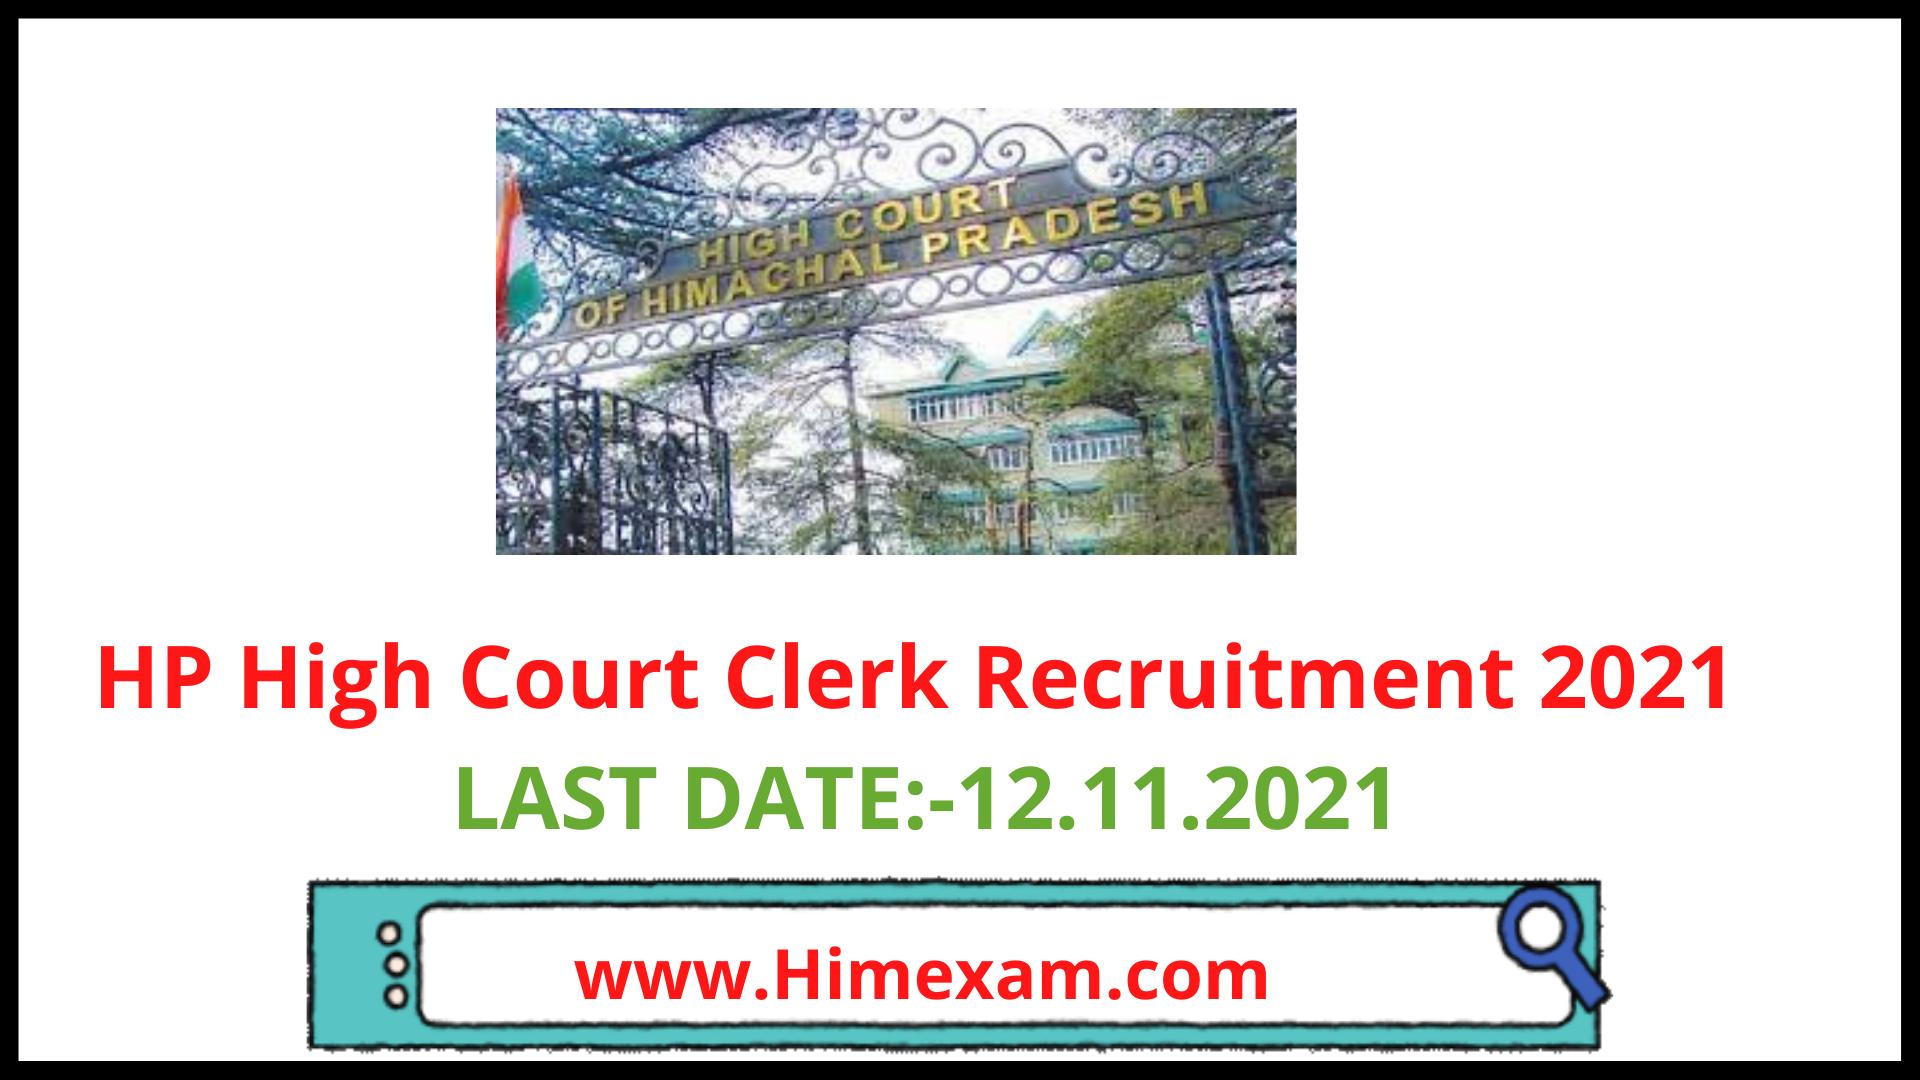 HP High Court Clerk Recruitment 2021